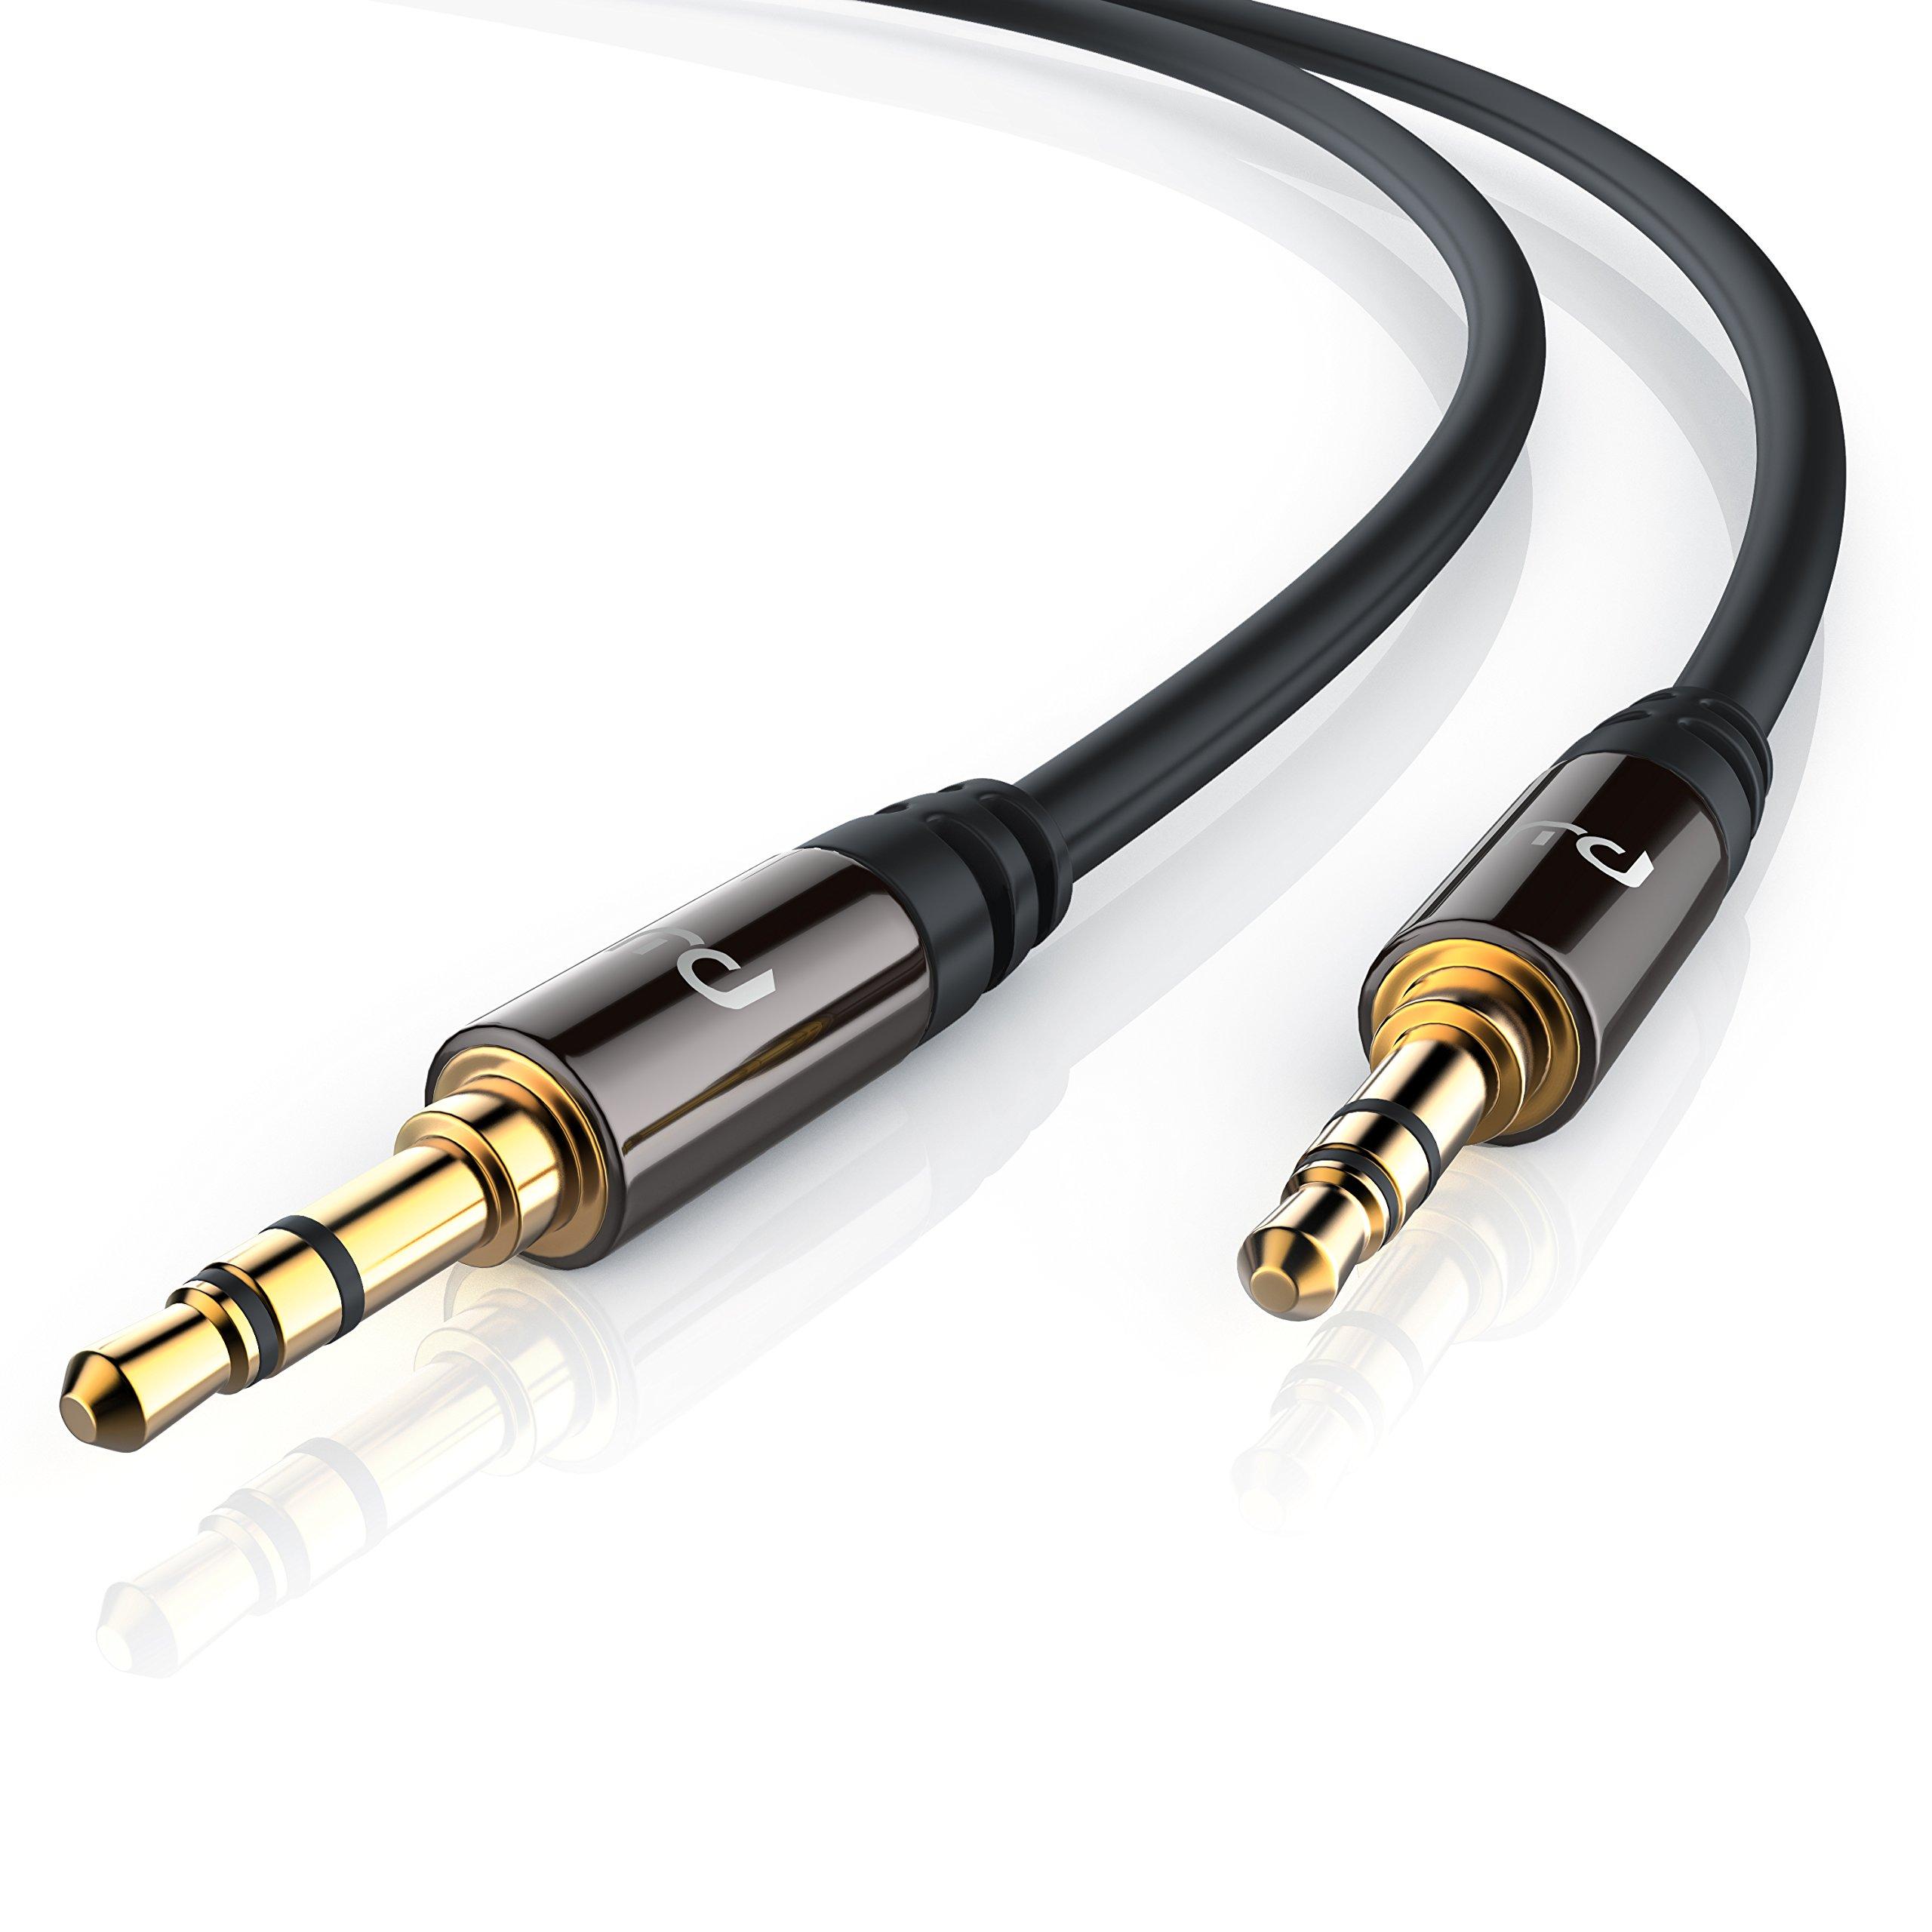 Primewire - 1m Cable Auxiliar de Audio/Cable 3.5mm Jack para entradas AUX | Conector metálico de precisión | Conector 3,5 mm en Enchufe de 3,5 mm | Serie